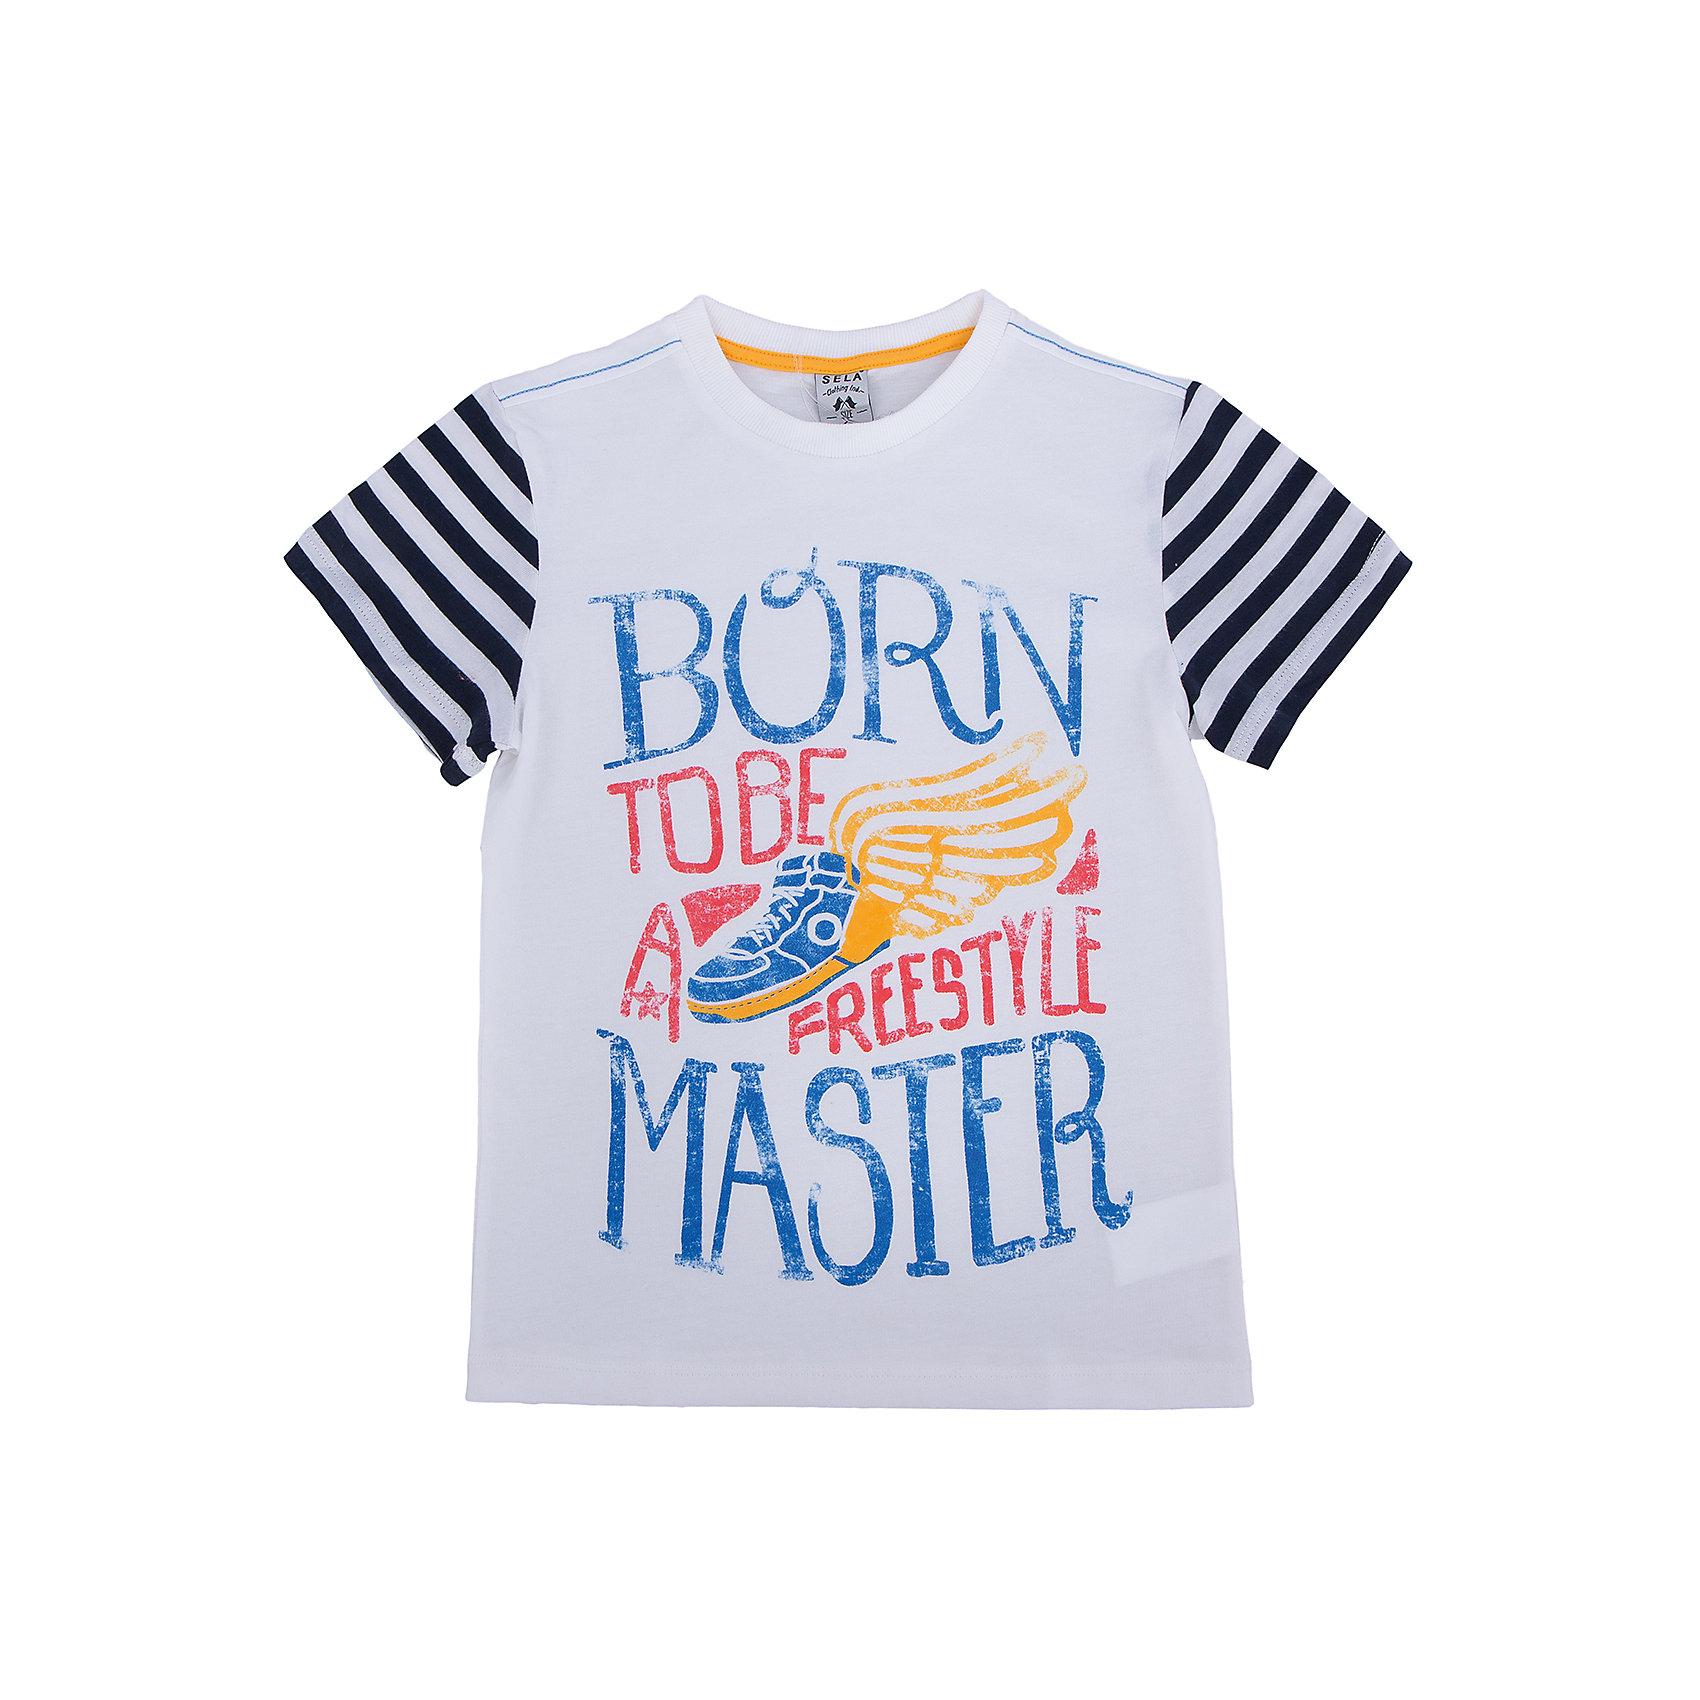 Футболка для мальчика SELAФутболки, поло и топы<br>Стильная футболка для мальчика от популярного бренда SELA. Изделие выполнено из натурального гипоаллергенного трикотажа, очень мягкого, дышащего и приятного к телу, и обладает следующими особенностями:<br>- эффектный принт, привлекательный дизайн;<br>- эластичная отделка горловины;<br>- комфортный крой;<br>- базовая модель.<br>Великолепный выбор для активного лета!<br><br>Дополнительная информация:<br>- состав: 100% хлопок<br>- цвет: белый + принт<br><br>Футболку для мальчика SELA (СЕЛА) можно купить в нашем магазине<br><br>Ширина мм: 230<br>Глубина мм: 40<br>Высота мм: 220<br>Вес г: 250<br>Цвет: белый<br>Возраст от месяцев: 24<br>Возраст до месяцев: 36<br>Пол: Мужской<br>Возраст: Детский<br>Размер: 98,104,110,116,92<br>SKU: 4741141